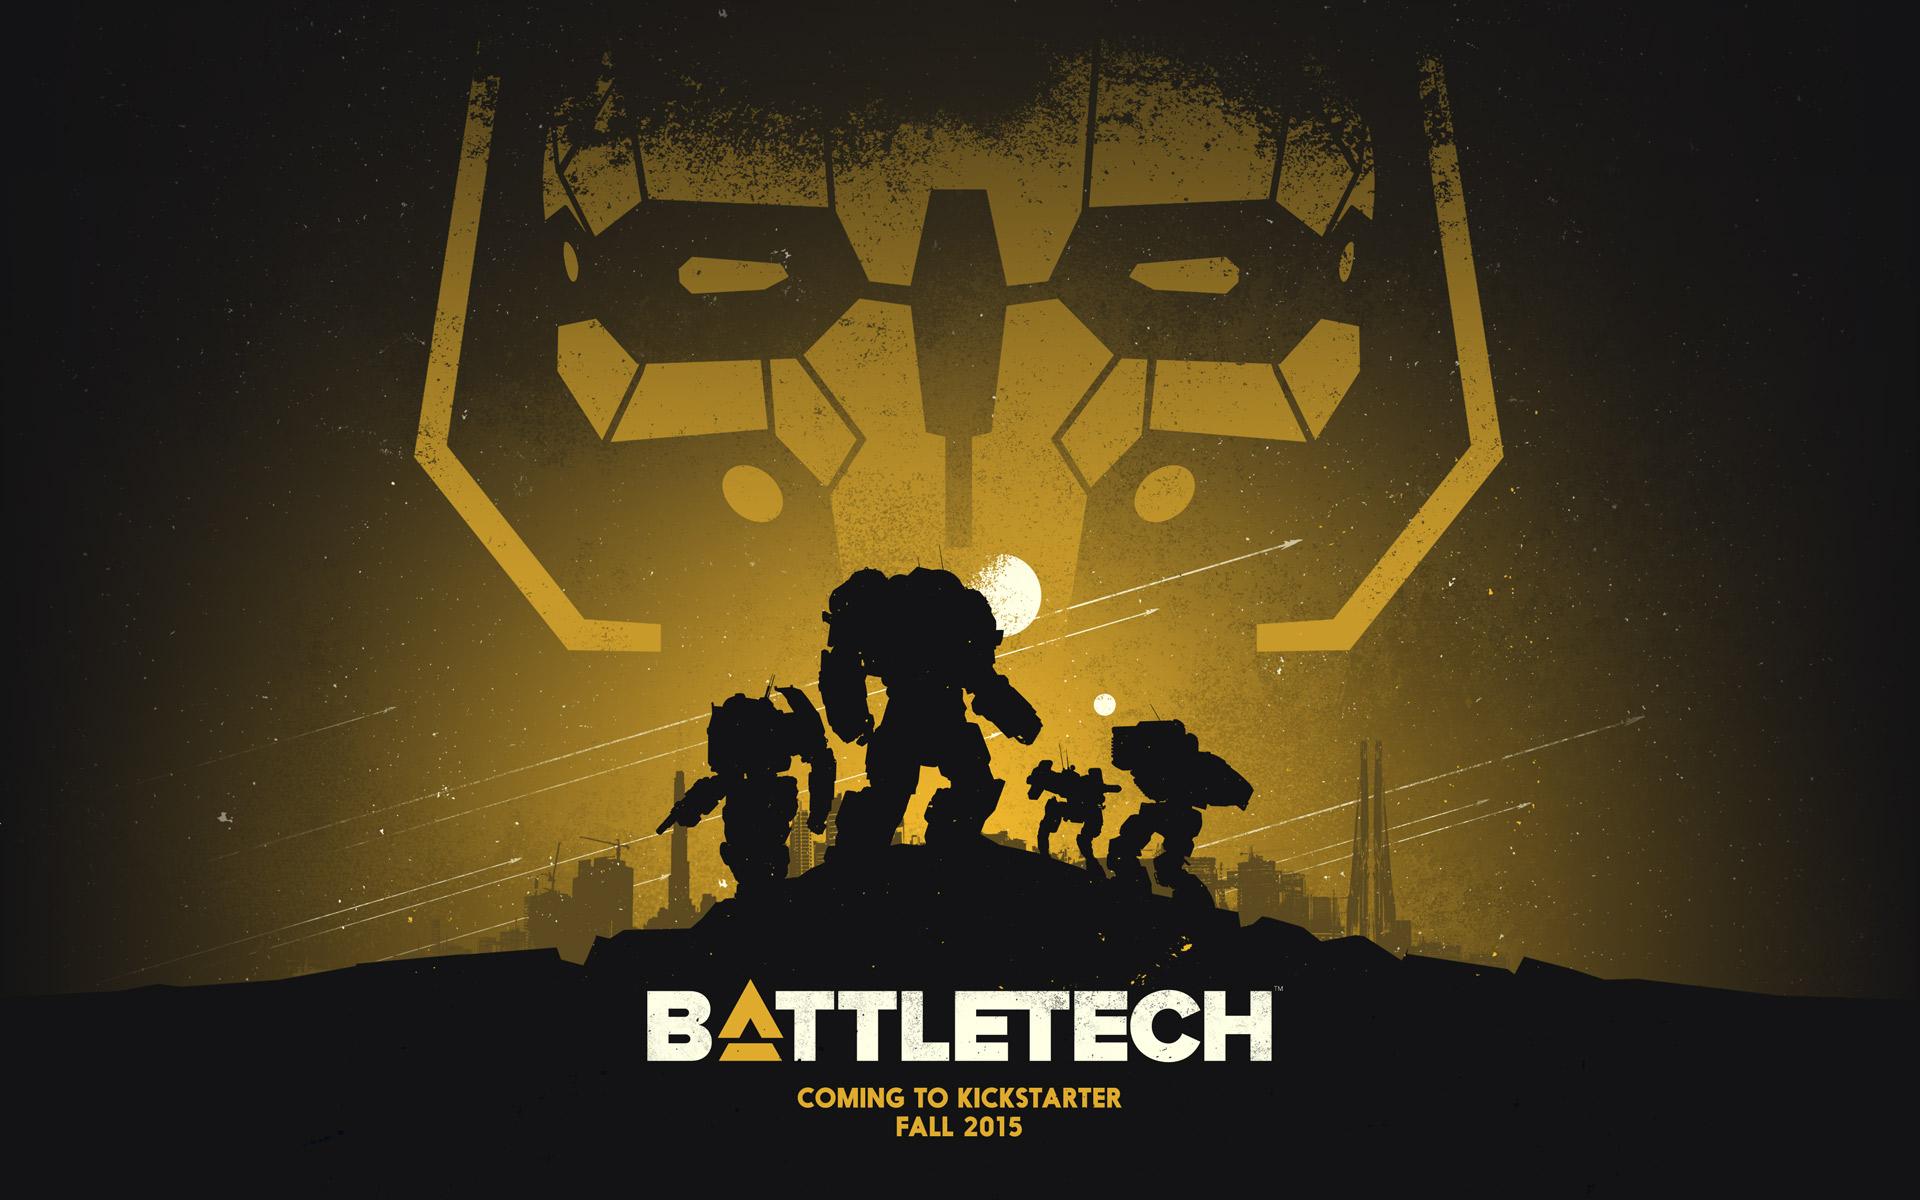 New BattleTech Game